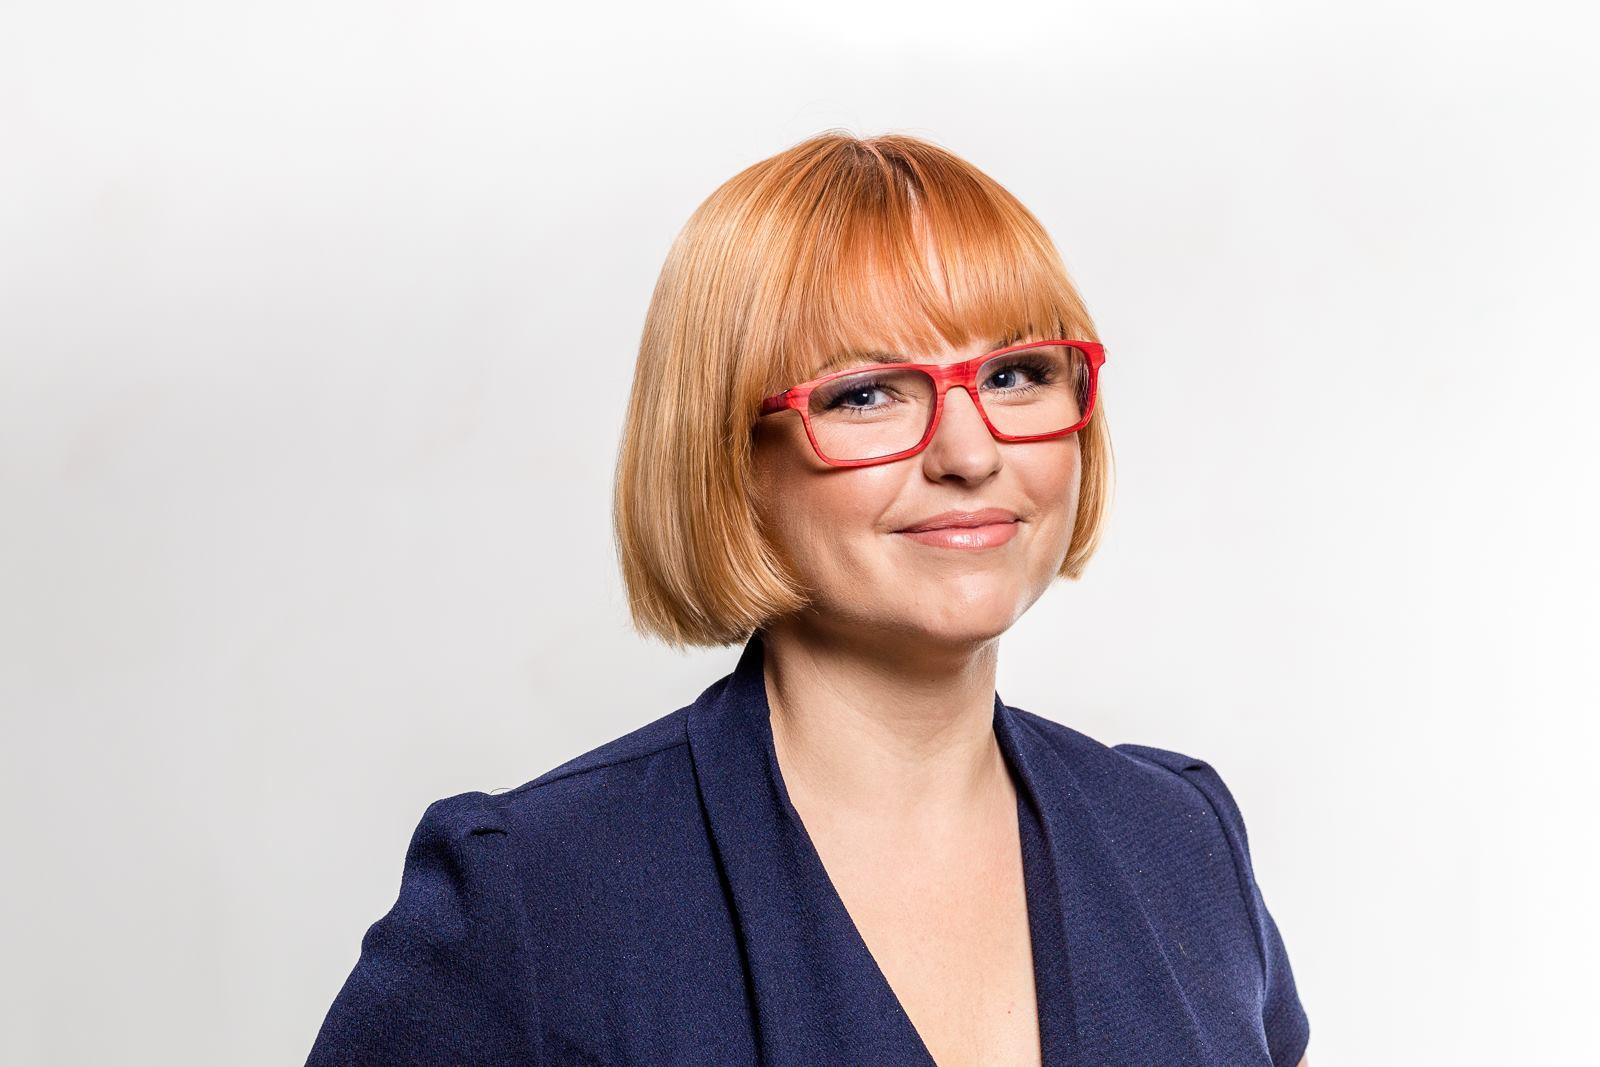 Women estonia single Estonian Women: